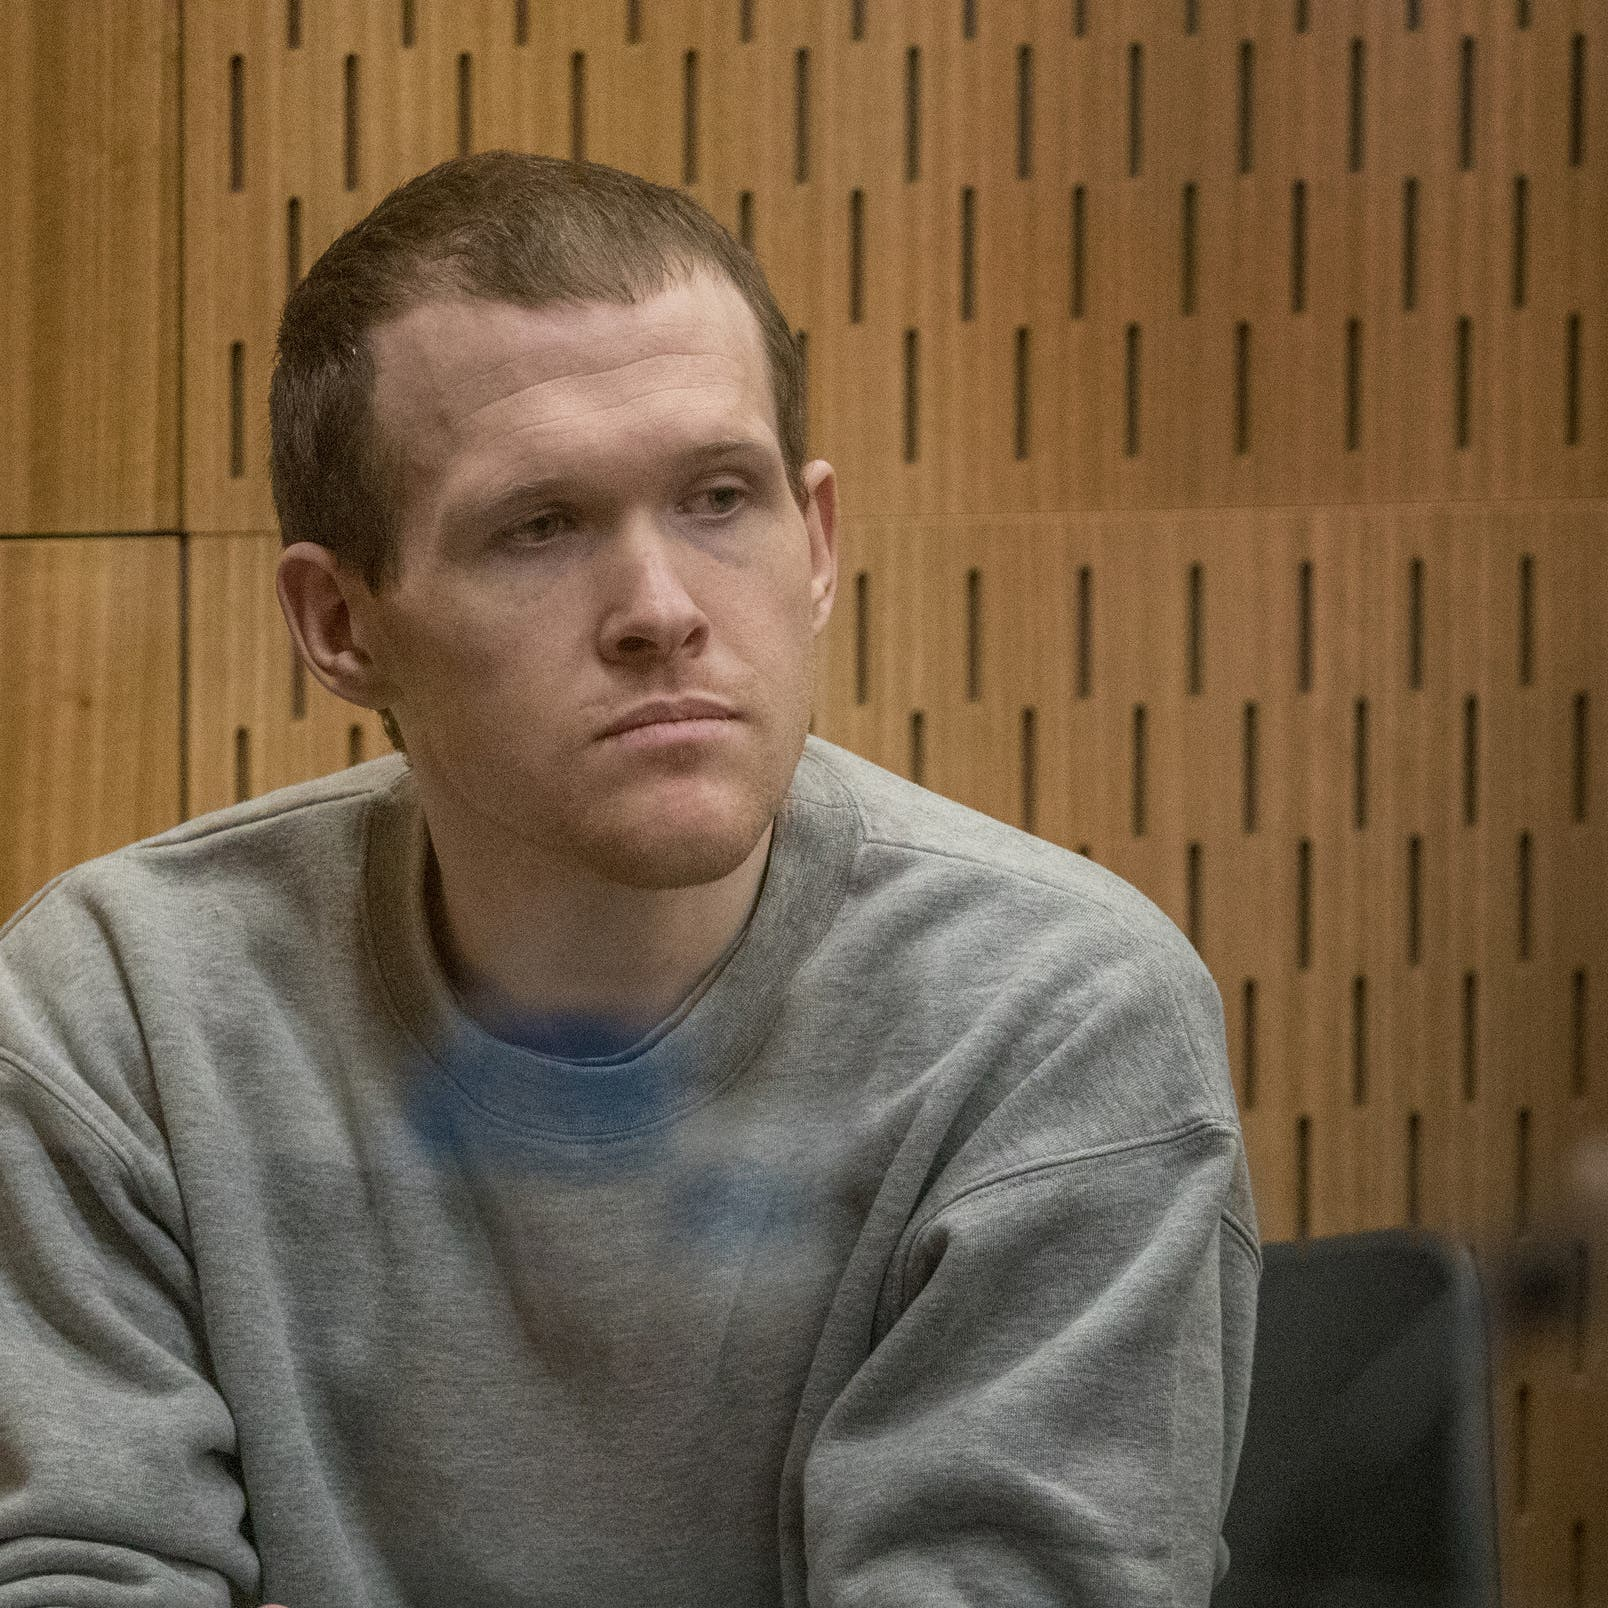 الادعاء بمذبحة نيوزيلندا: المنفذ قضى سنوات في الإعداد لعمليته